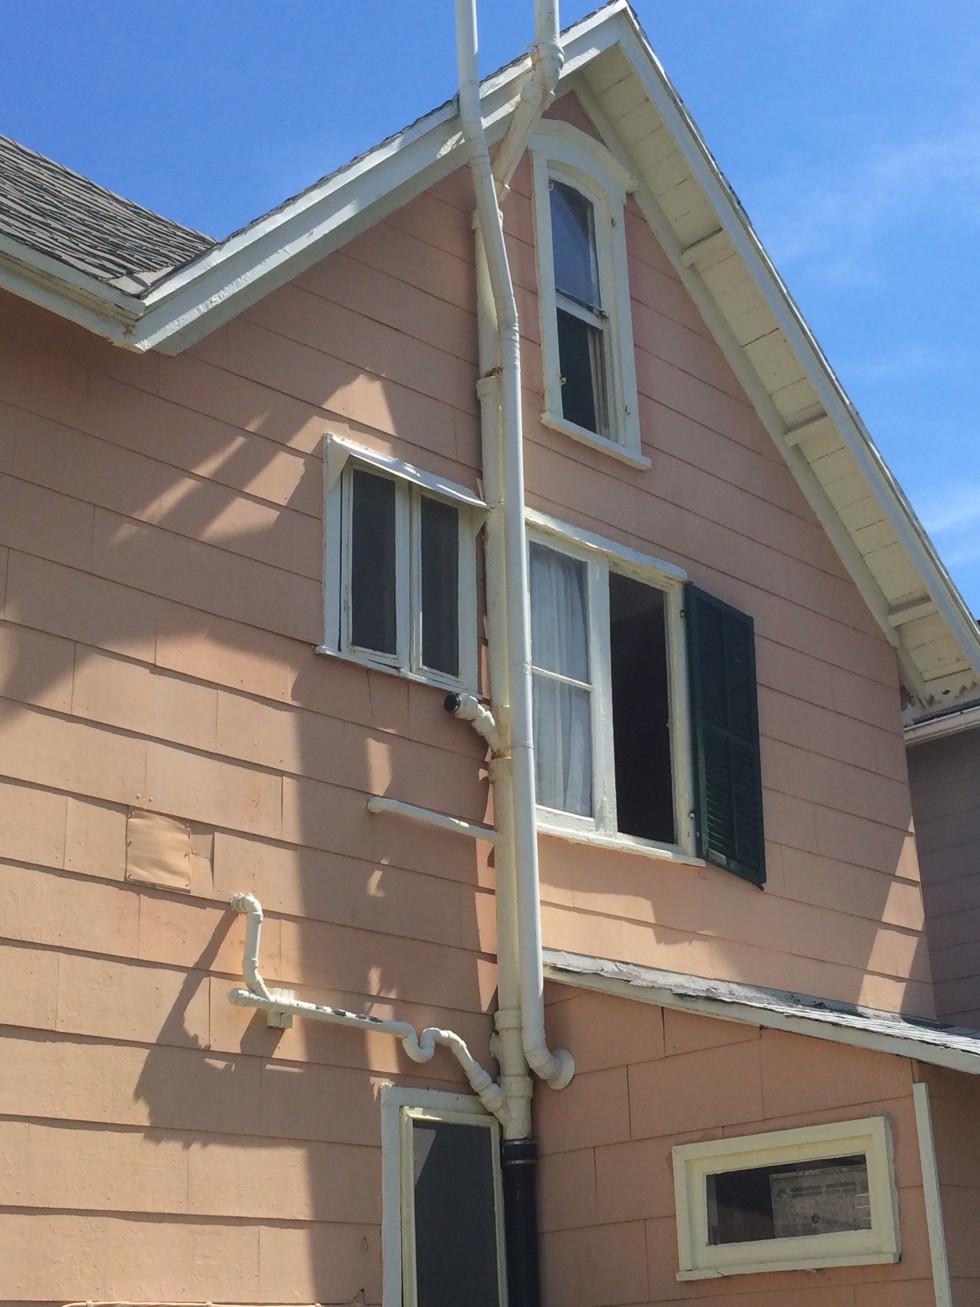 exterior plumbing